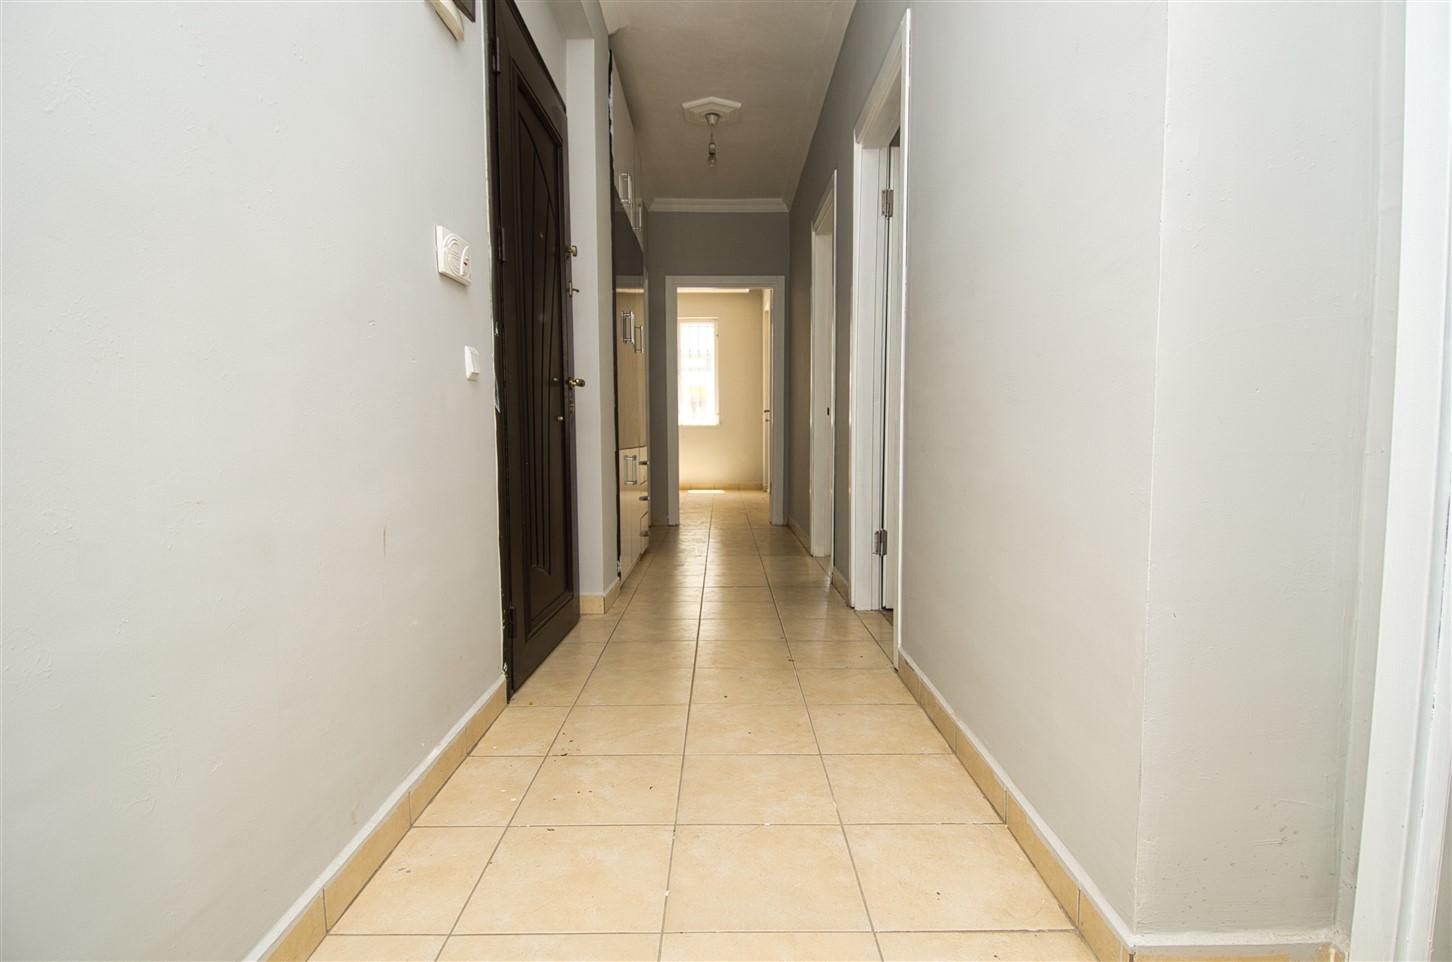 Трёхкомнатная квартира в центре Антальи по очень привлекательной цене - Фото 2